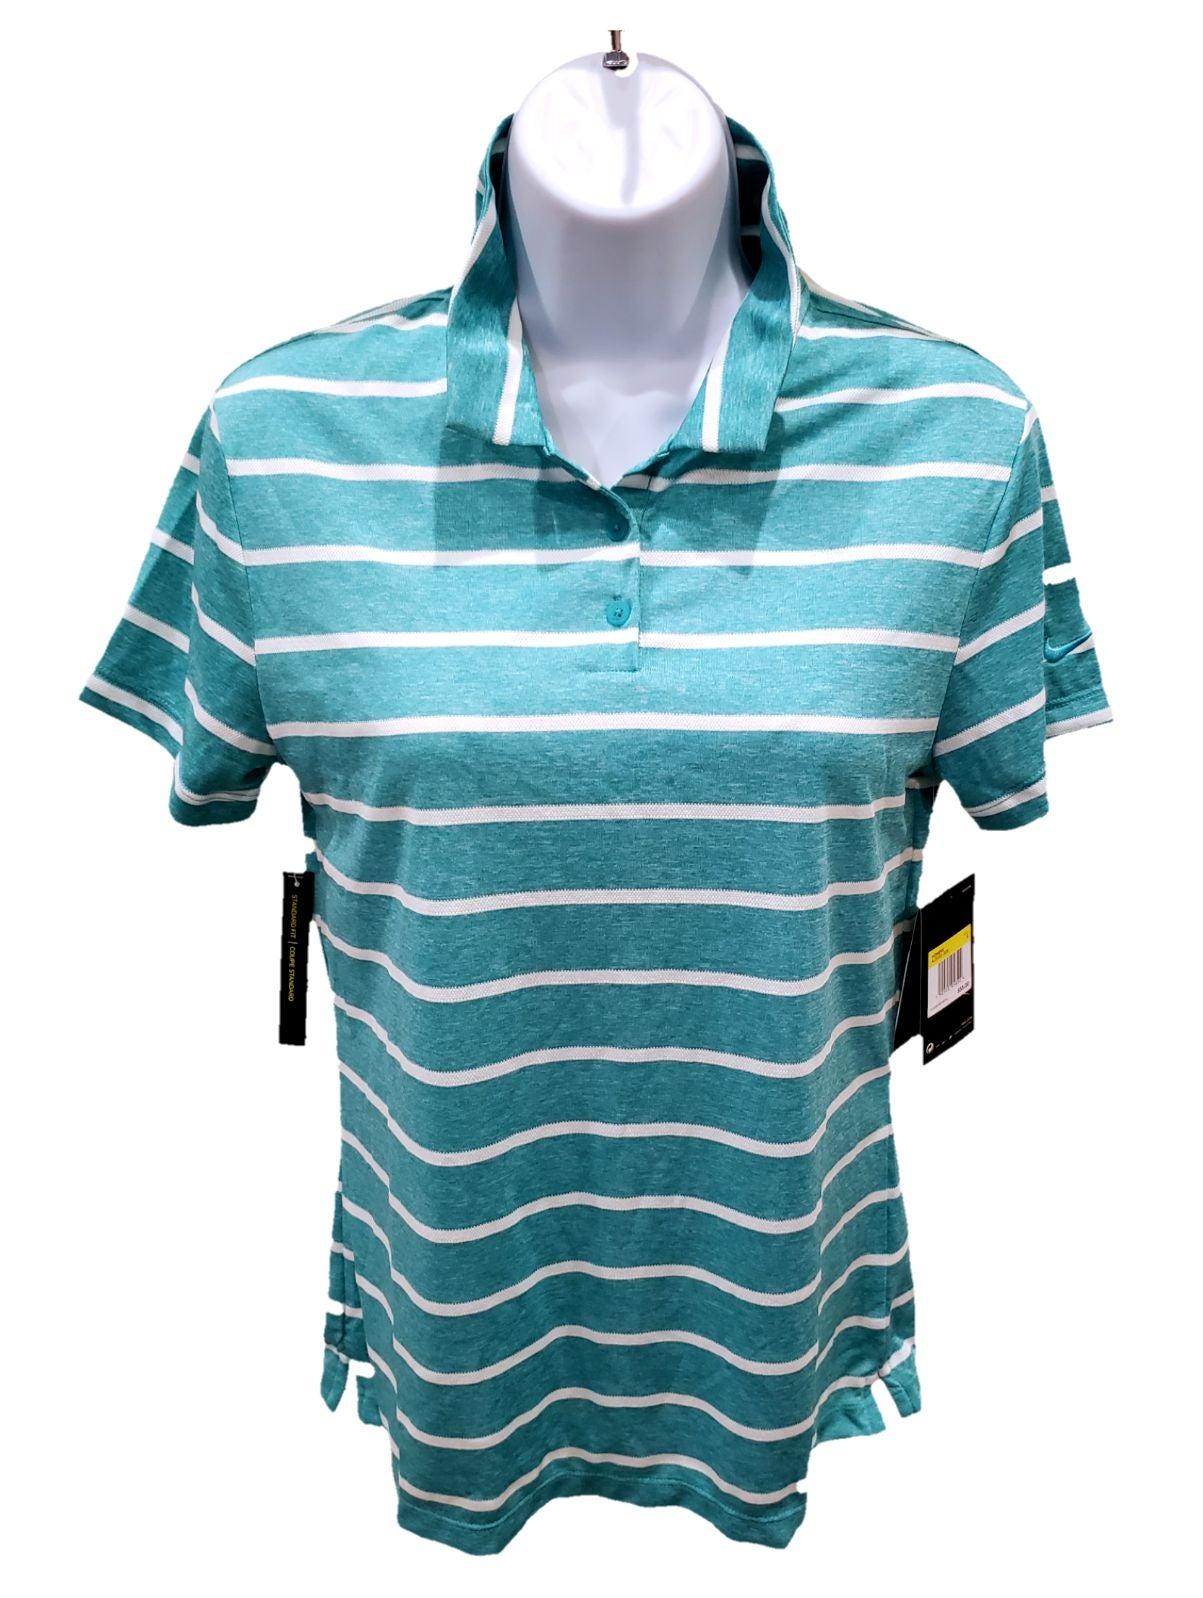 NWT $55 NIKE Dry Fit Womens Polo T Shirt